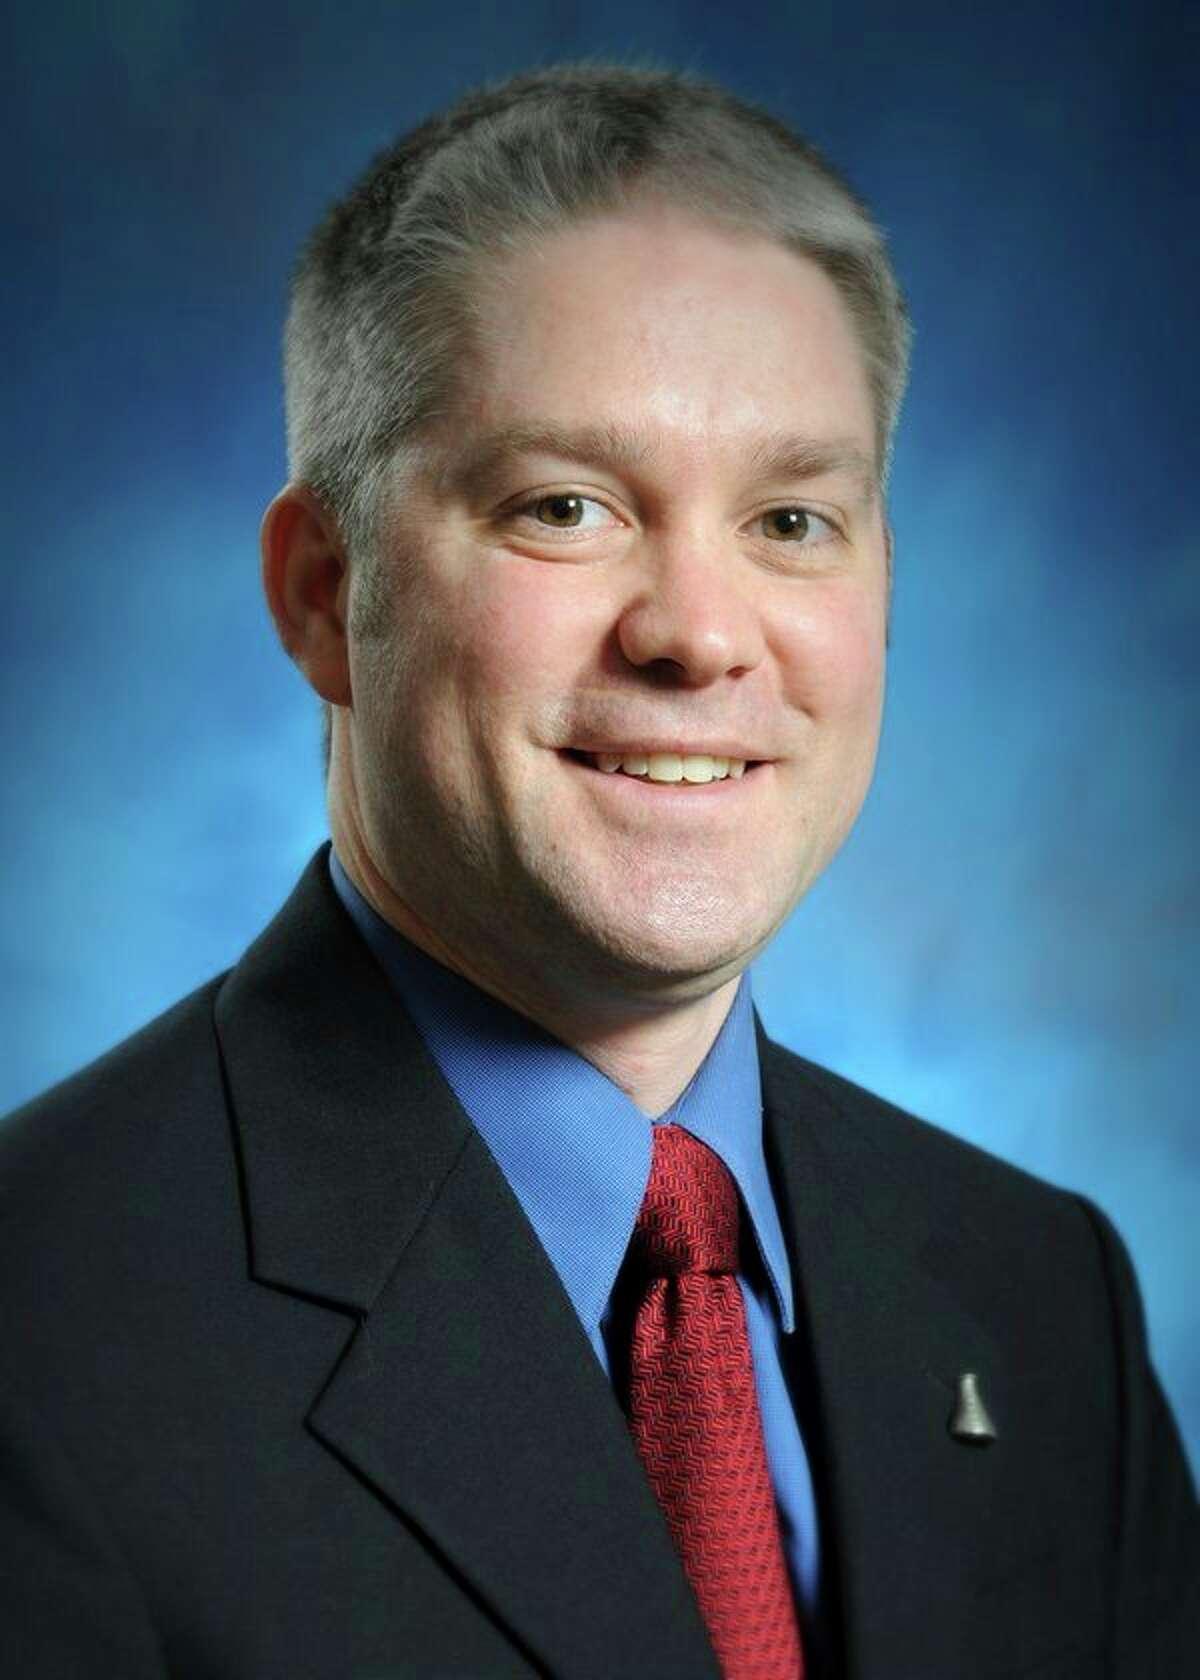 Andrew Chubb